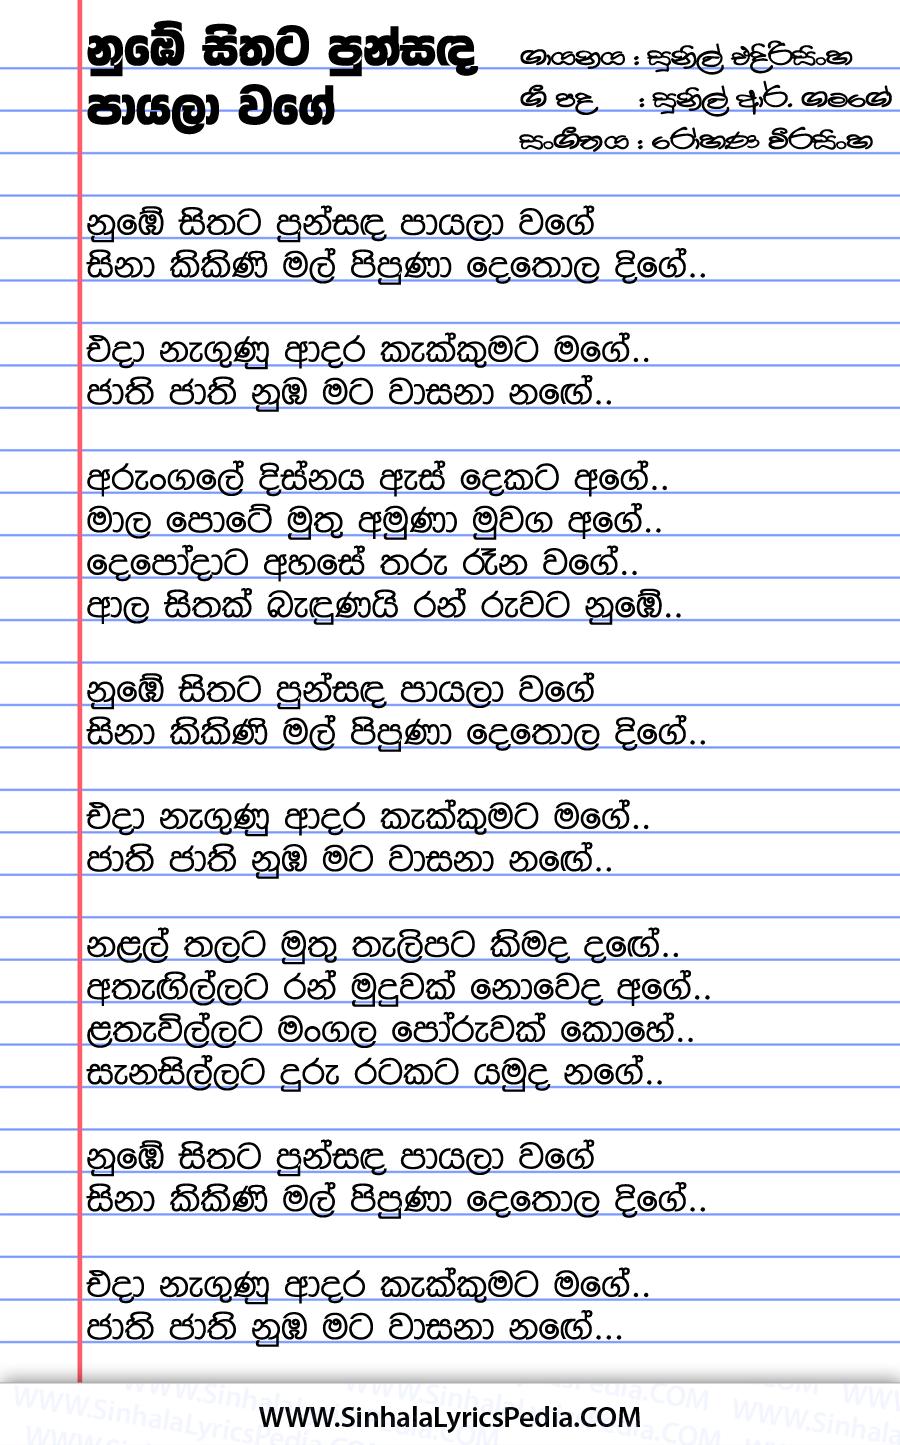 Numbe Sithata Punsanda Payala Wage Song Lyrics